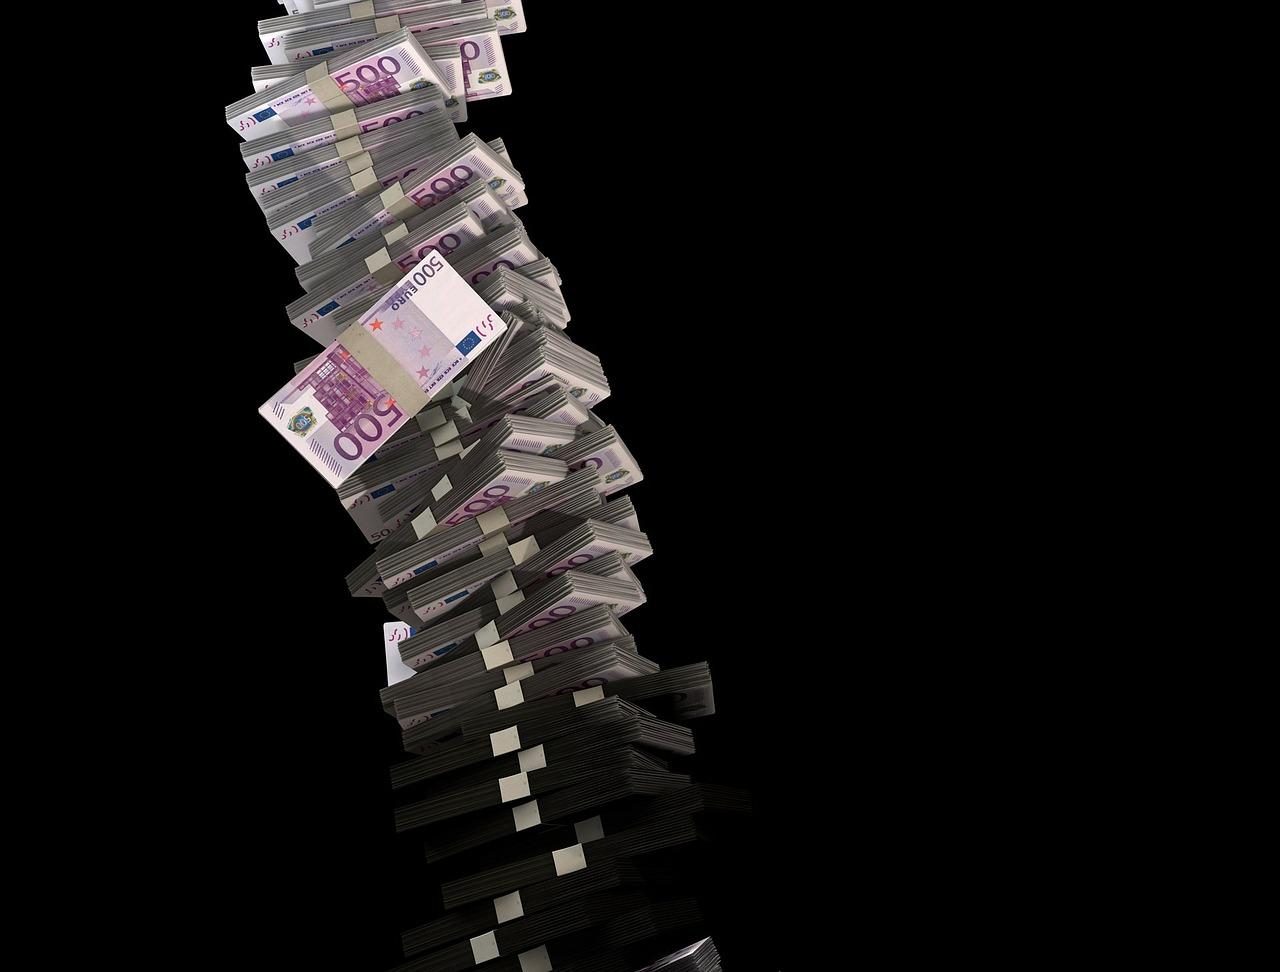 Carlos Ghosn serait un résident fiscal des Pays-Bas